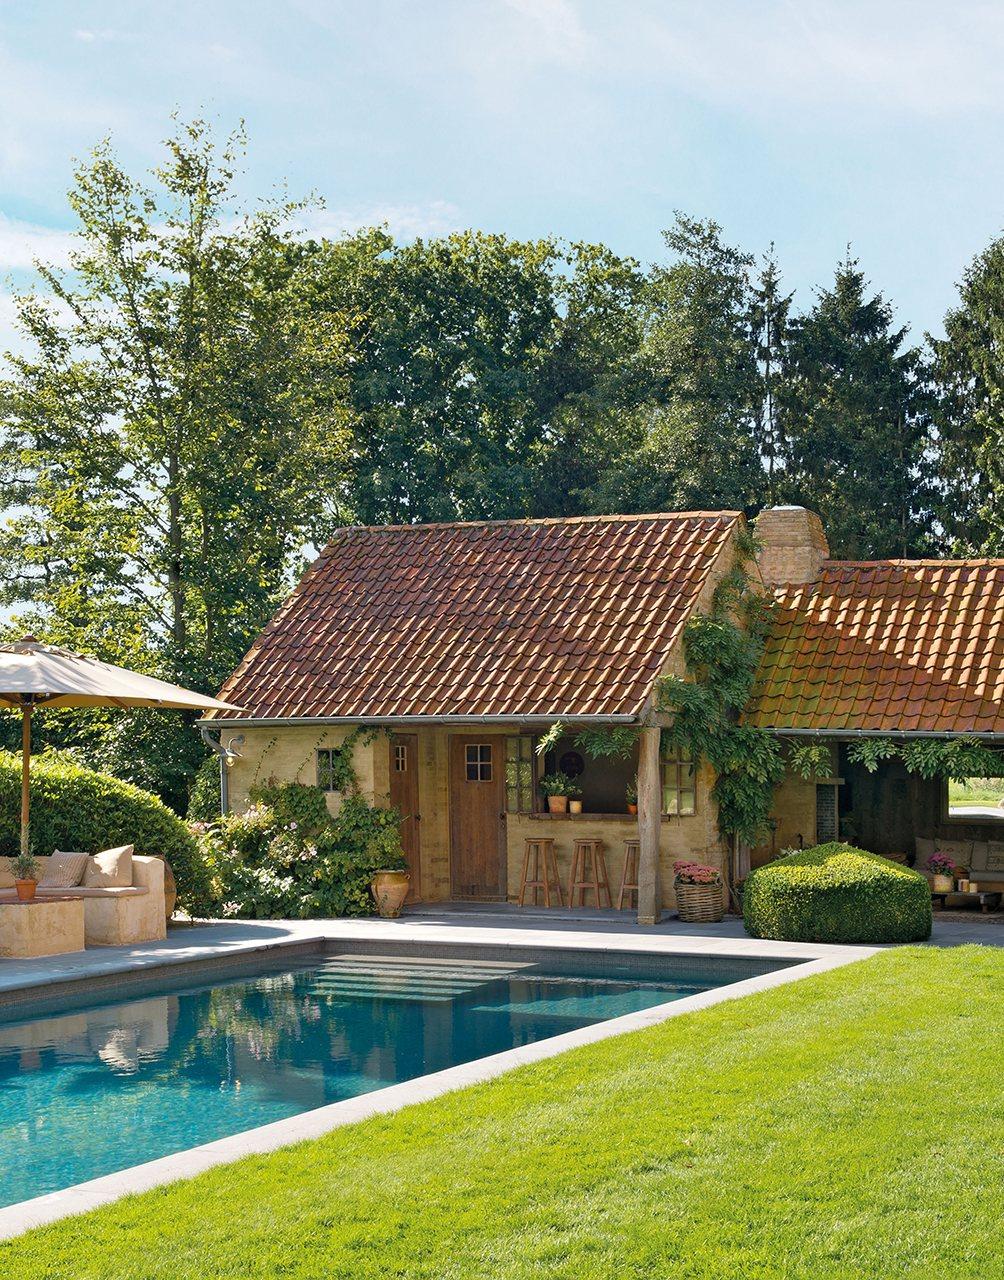 Una casa de campo muy acogedora con un jard n y un porche - Paginas de casas rurales ...